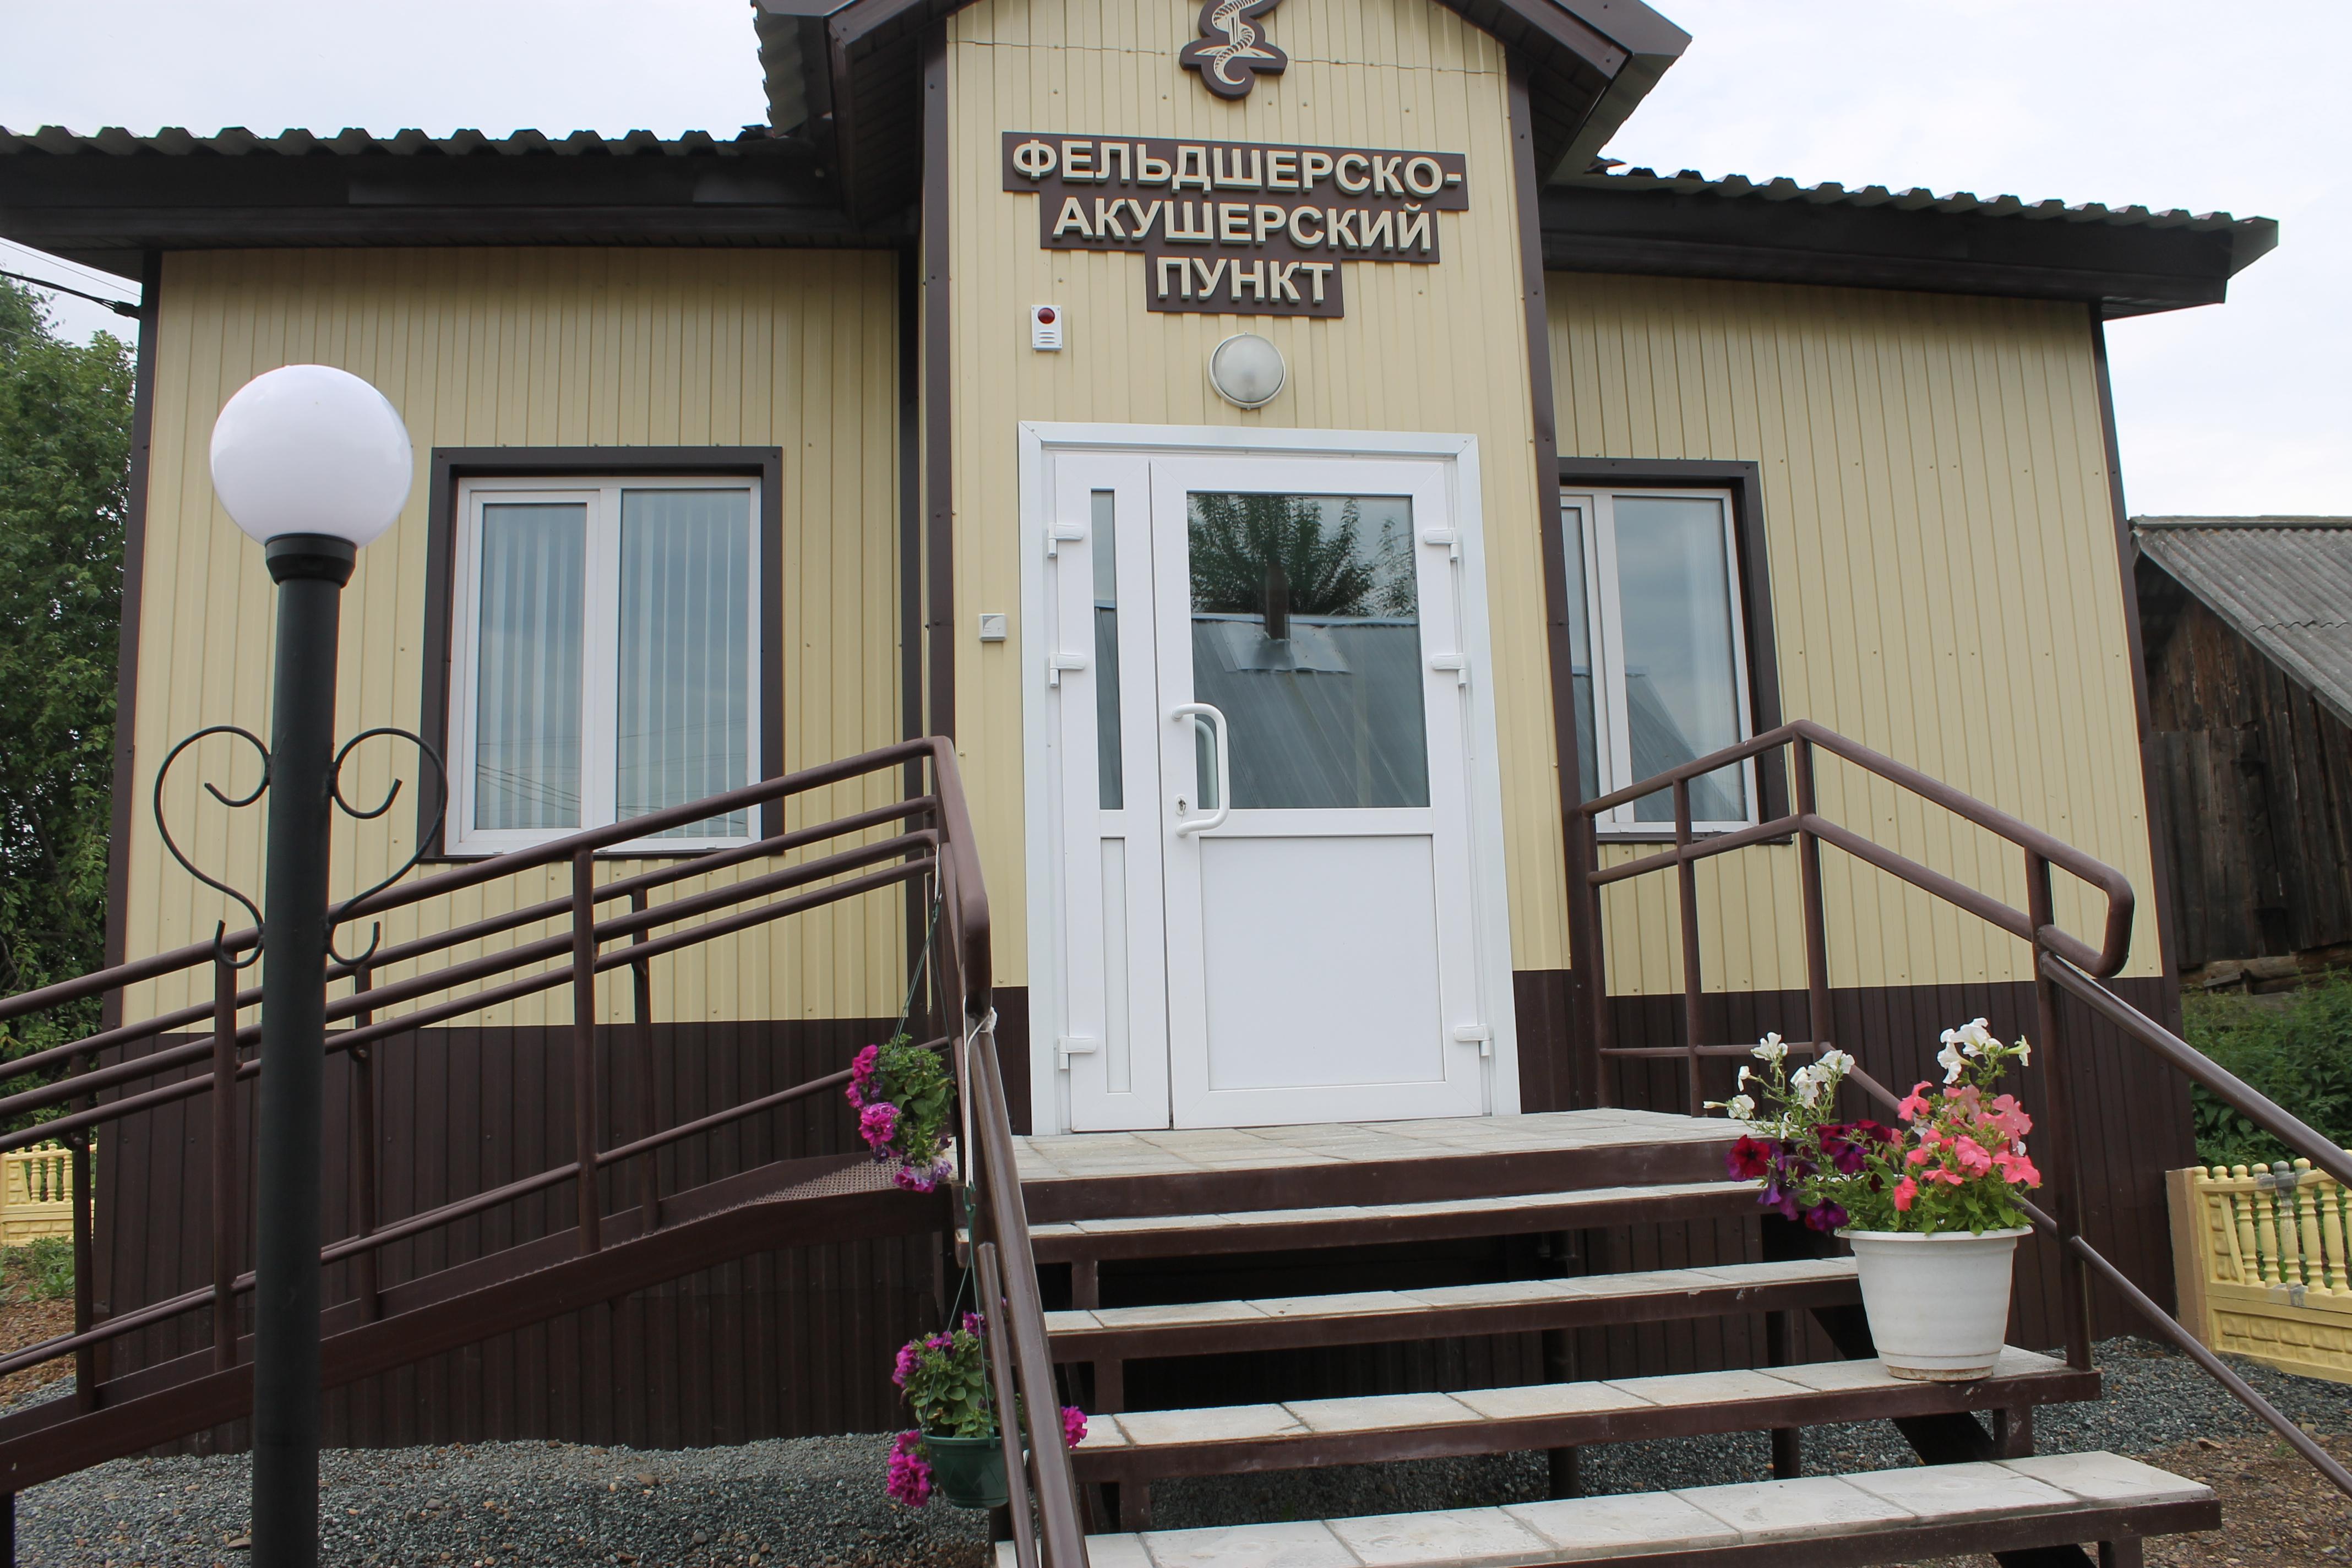 Новый фельдшерско-акушерский пункт будет построен в селении Куртат